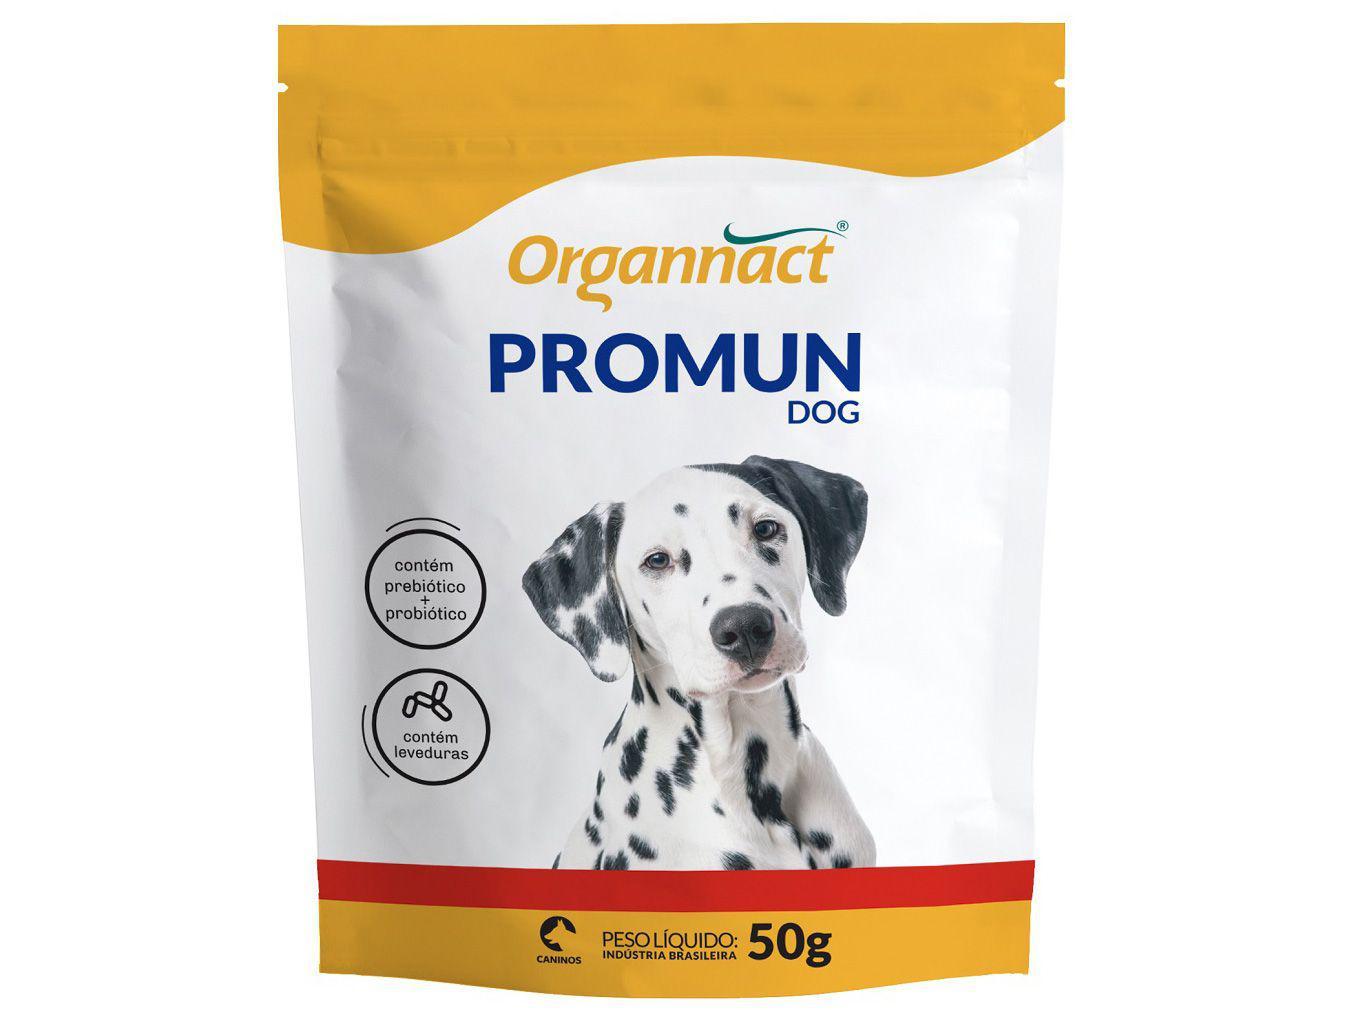 Suplemento Organnact Promun Dog - para Cachorro 50g